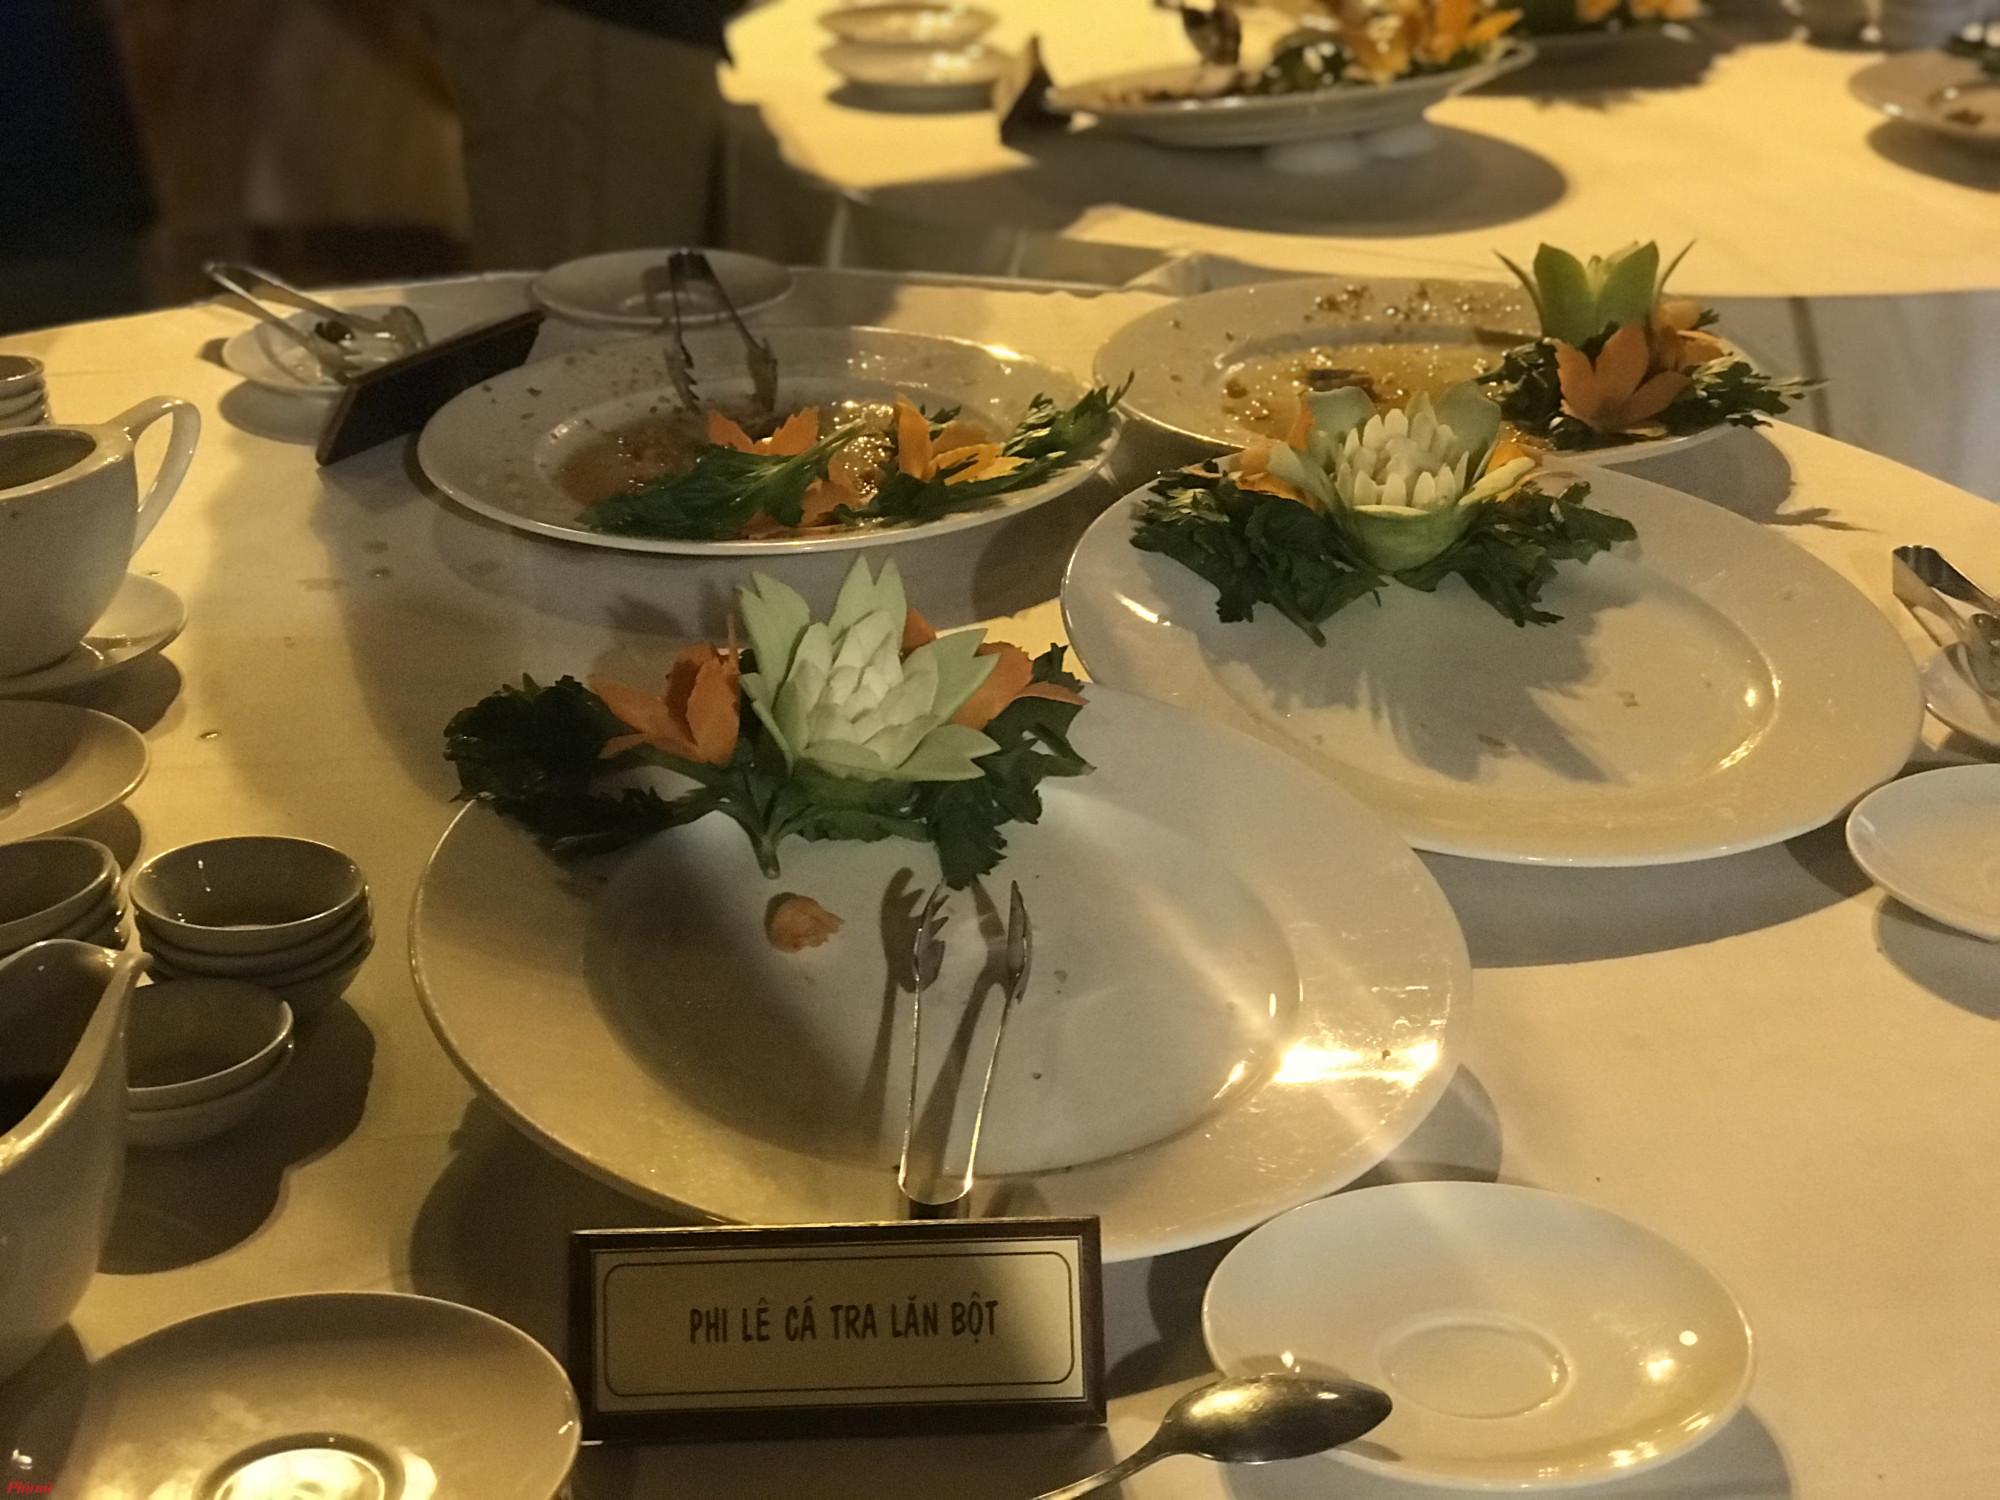 Theo quan sát của phóng viên, các món ăn từ cá tra khá thu hút thực khách, khi chưa đầy một phút nhân viên buộc phải bổ sung thêm thức ăn liên tục.